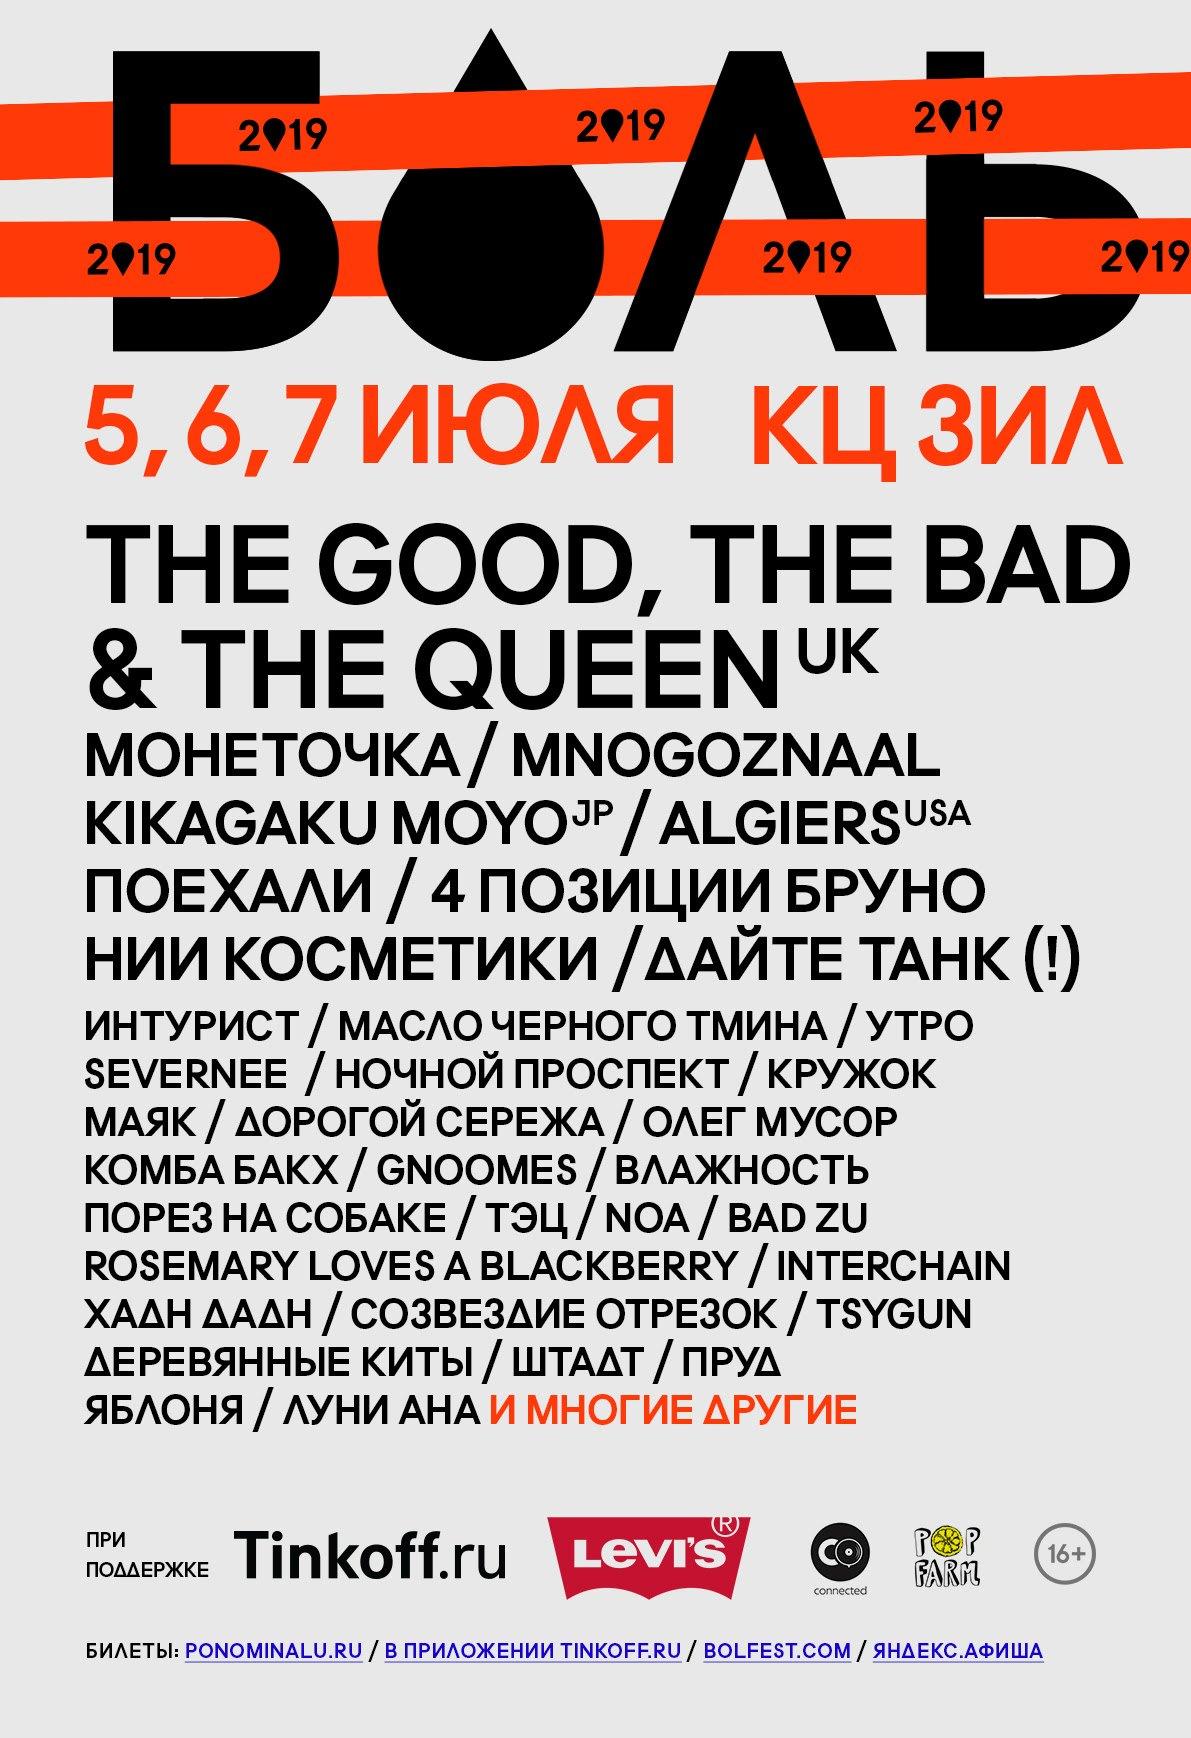 Картинки по запросу «Боль»: The Good, The Bad & The Queen, Монеточка, Mnogoznaal